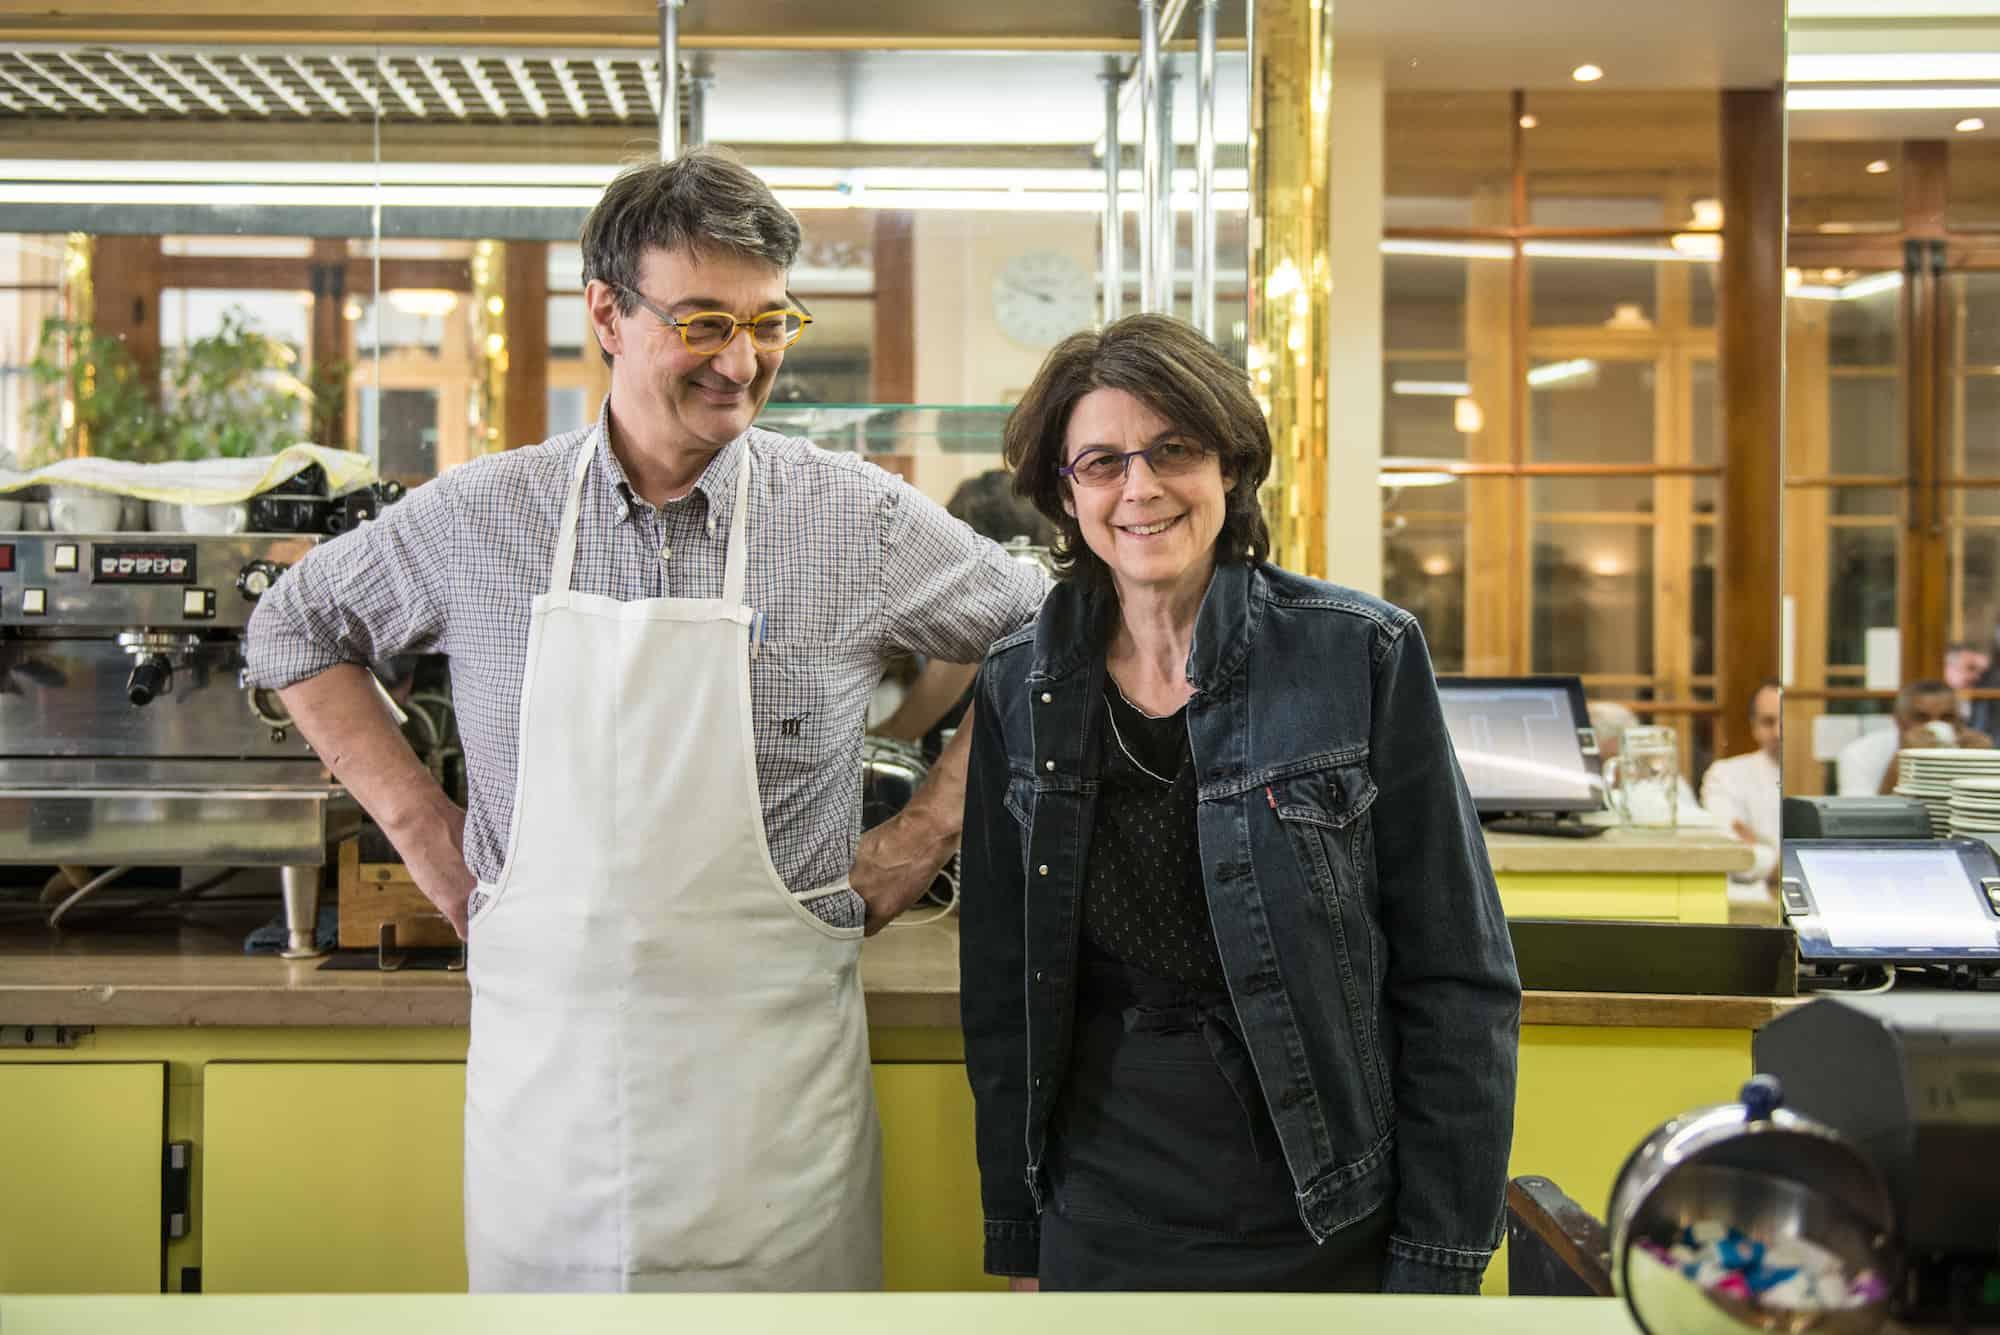 Le Bougainville: Unfussy French Cooking near Place de la Victoire in Paris